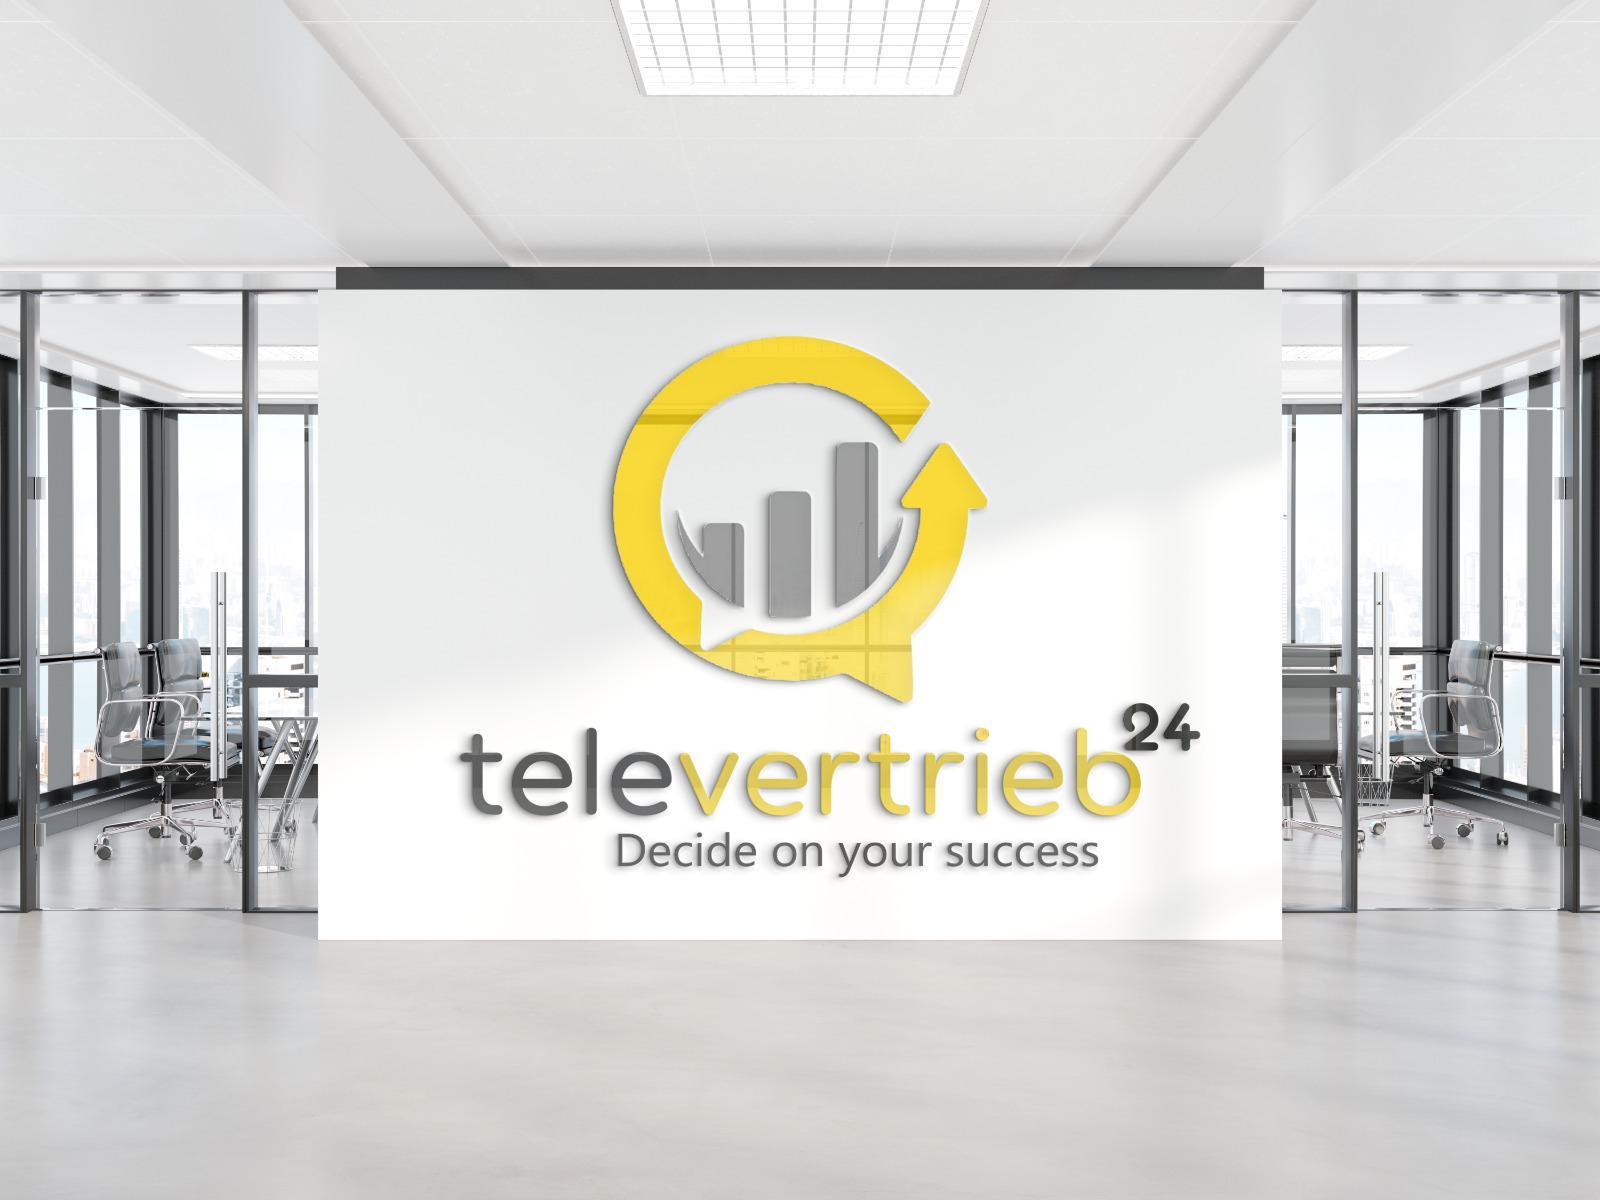 Televertrieb24 - Dortmund